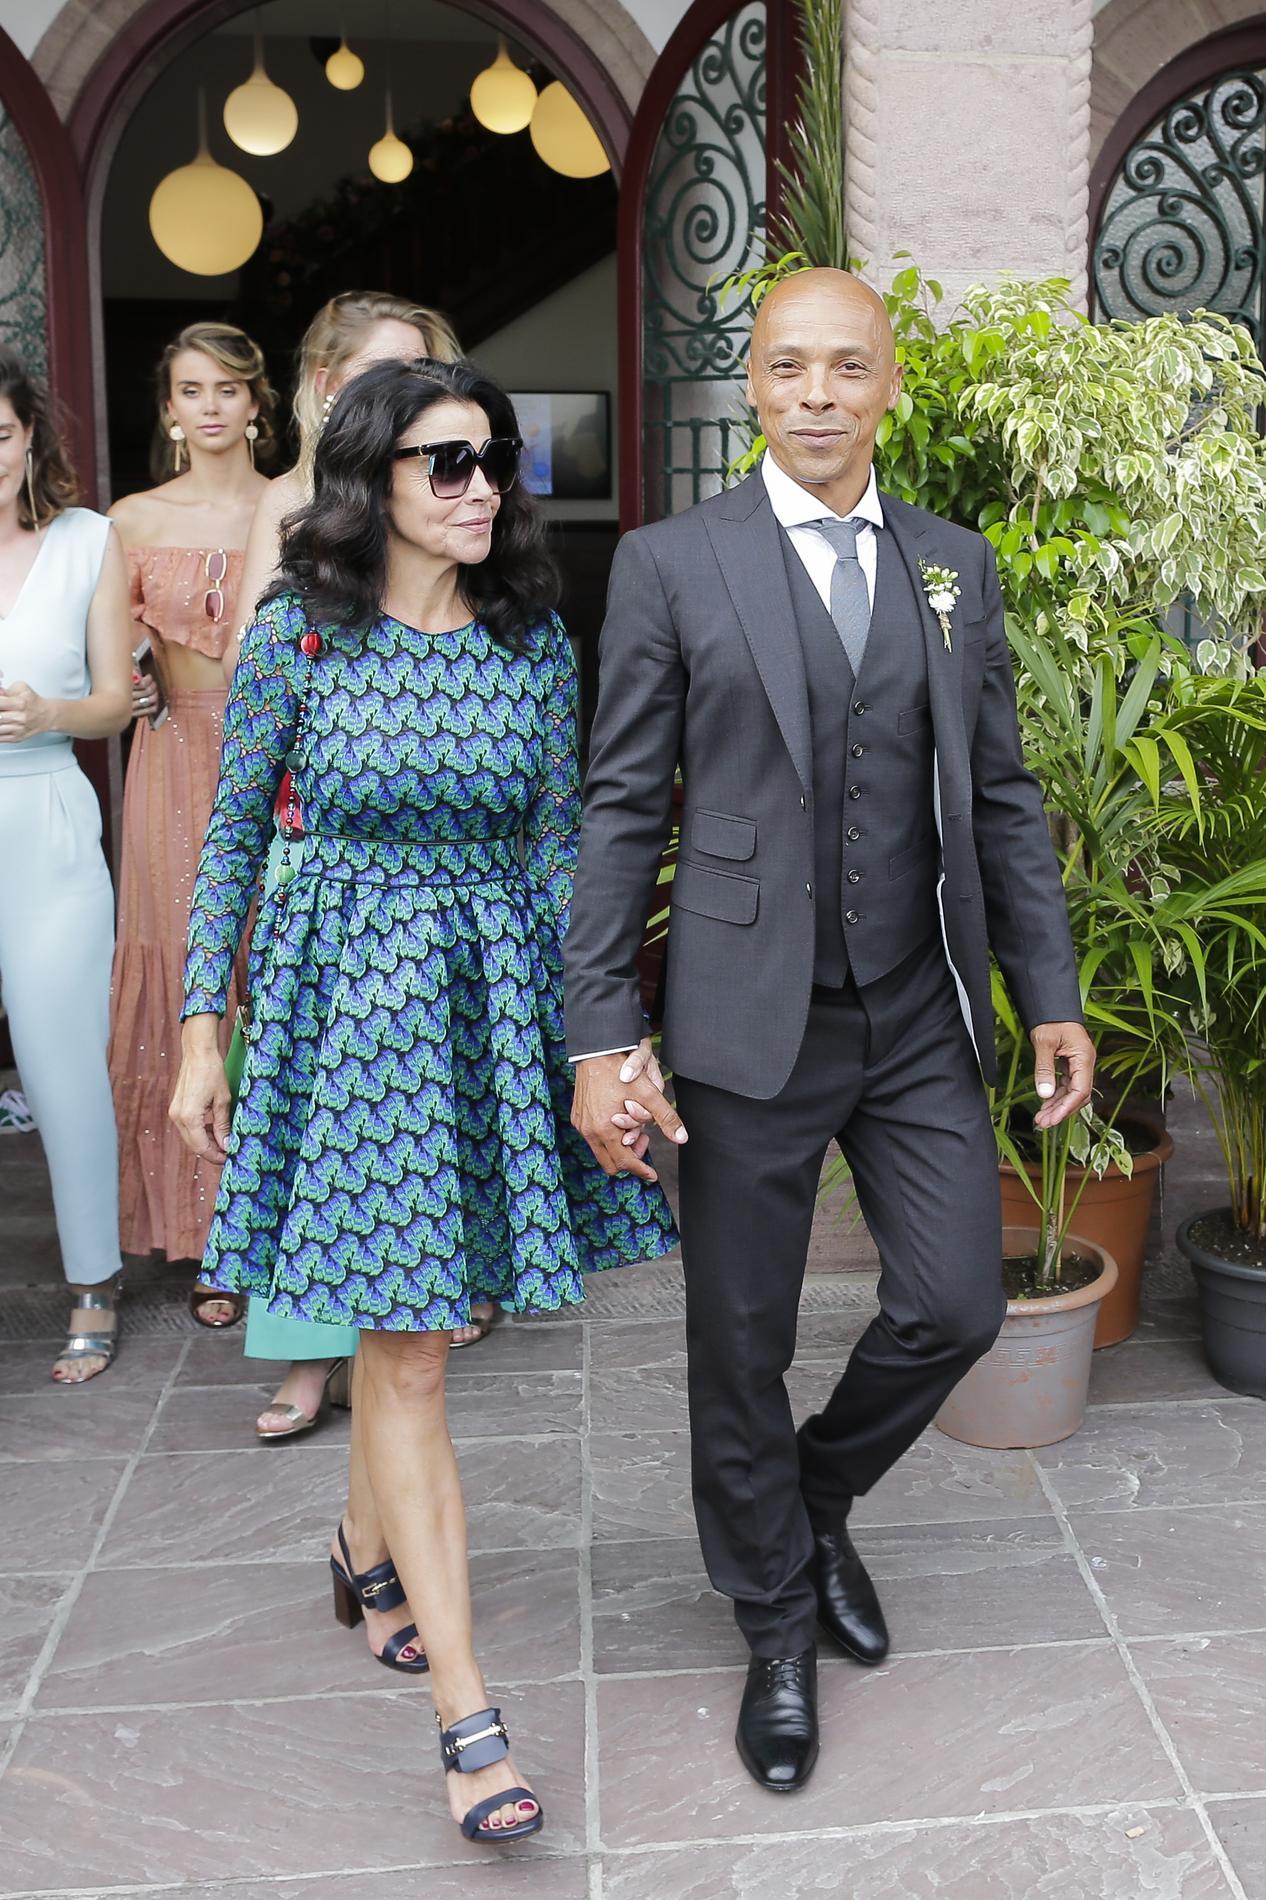 Abaca Le mariage de Vincent Cassel et Tina Kunakey Le mariage de Vincent  Cassel et Tina Kunakey Le mariage de Vincent Cassel et Tina Kunakey Le  mariage de